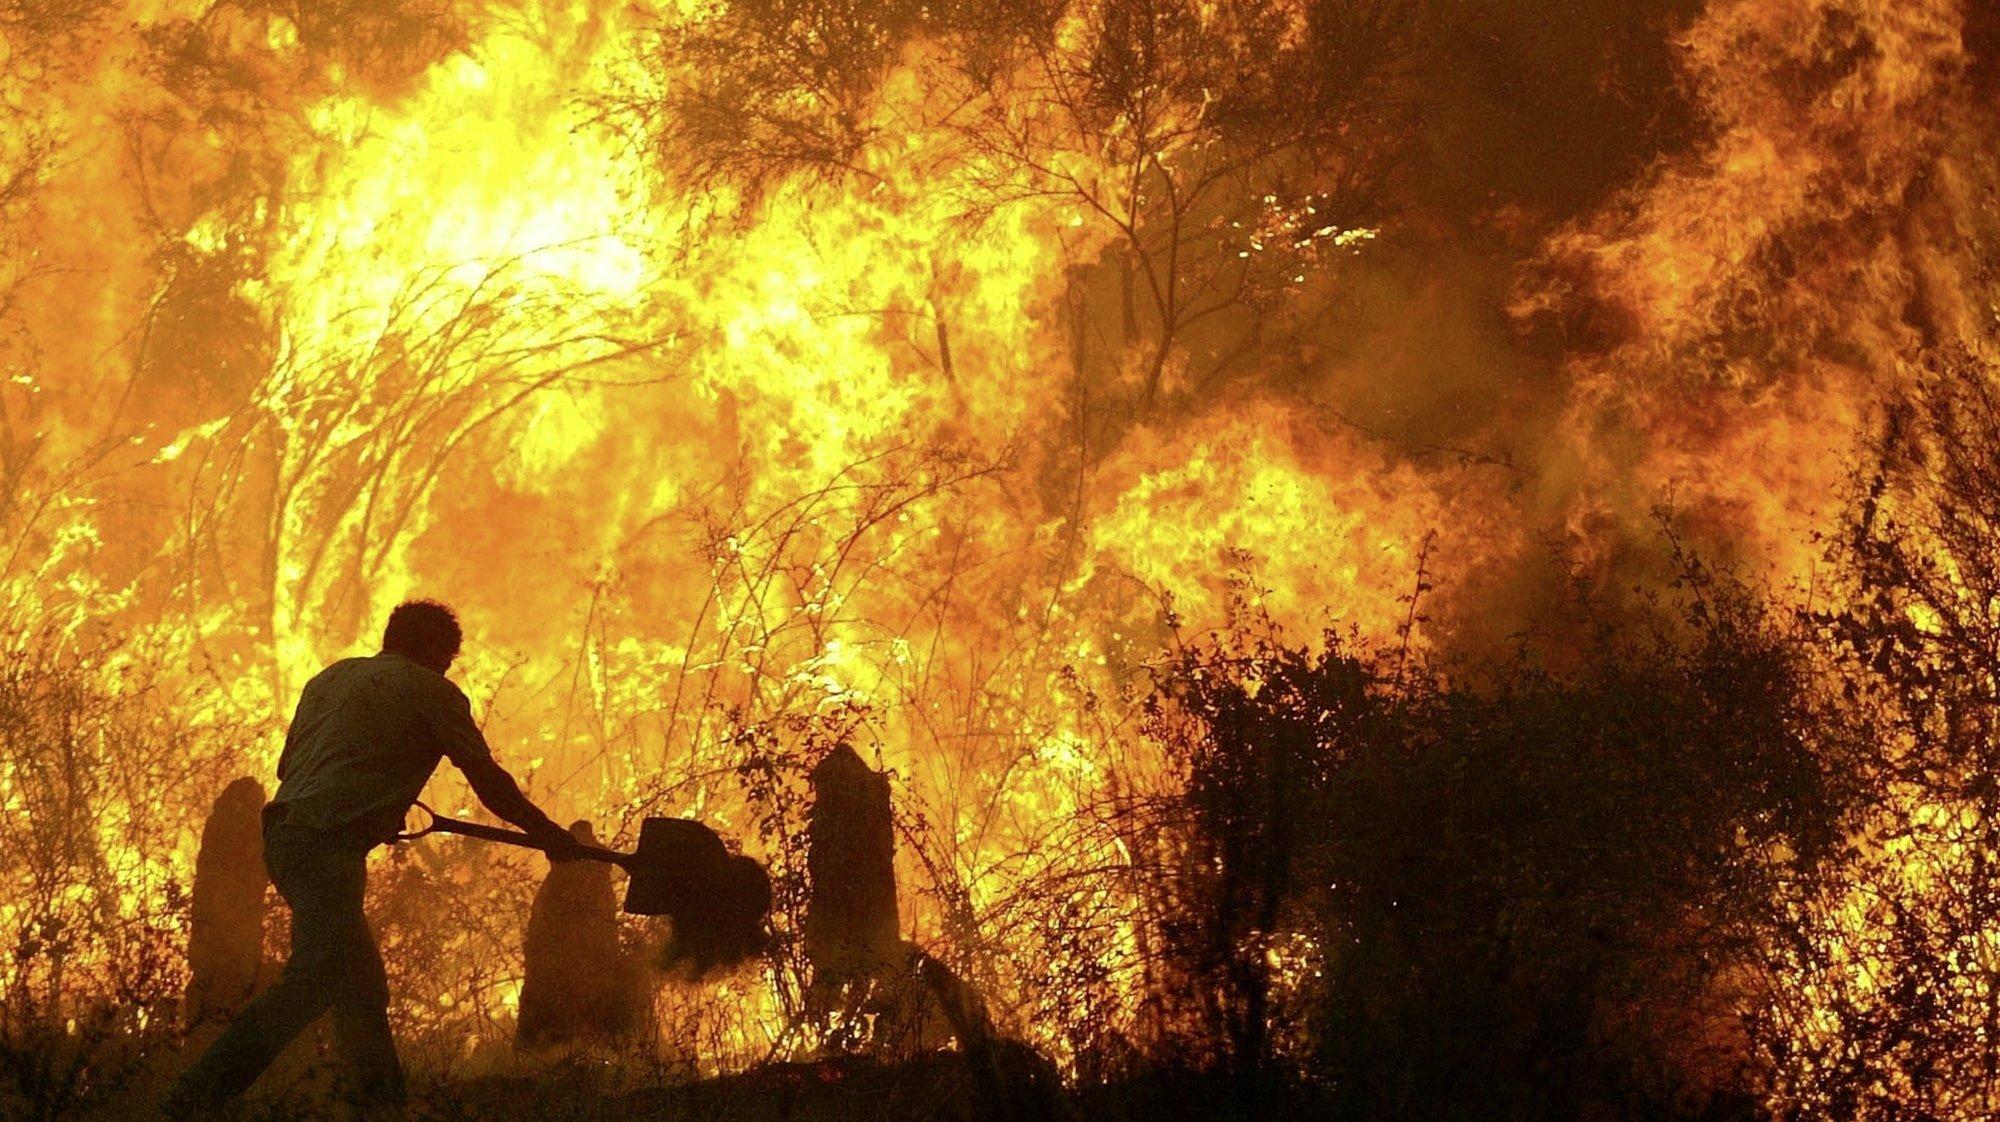 Le manque d'espace entre les forêts et les zones d'activité humaine augmente les risques de catastrophes, comme ici au Portugal, en 2004.